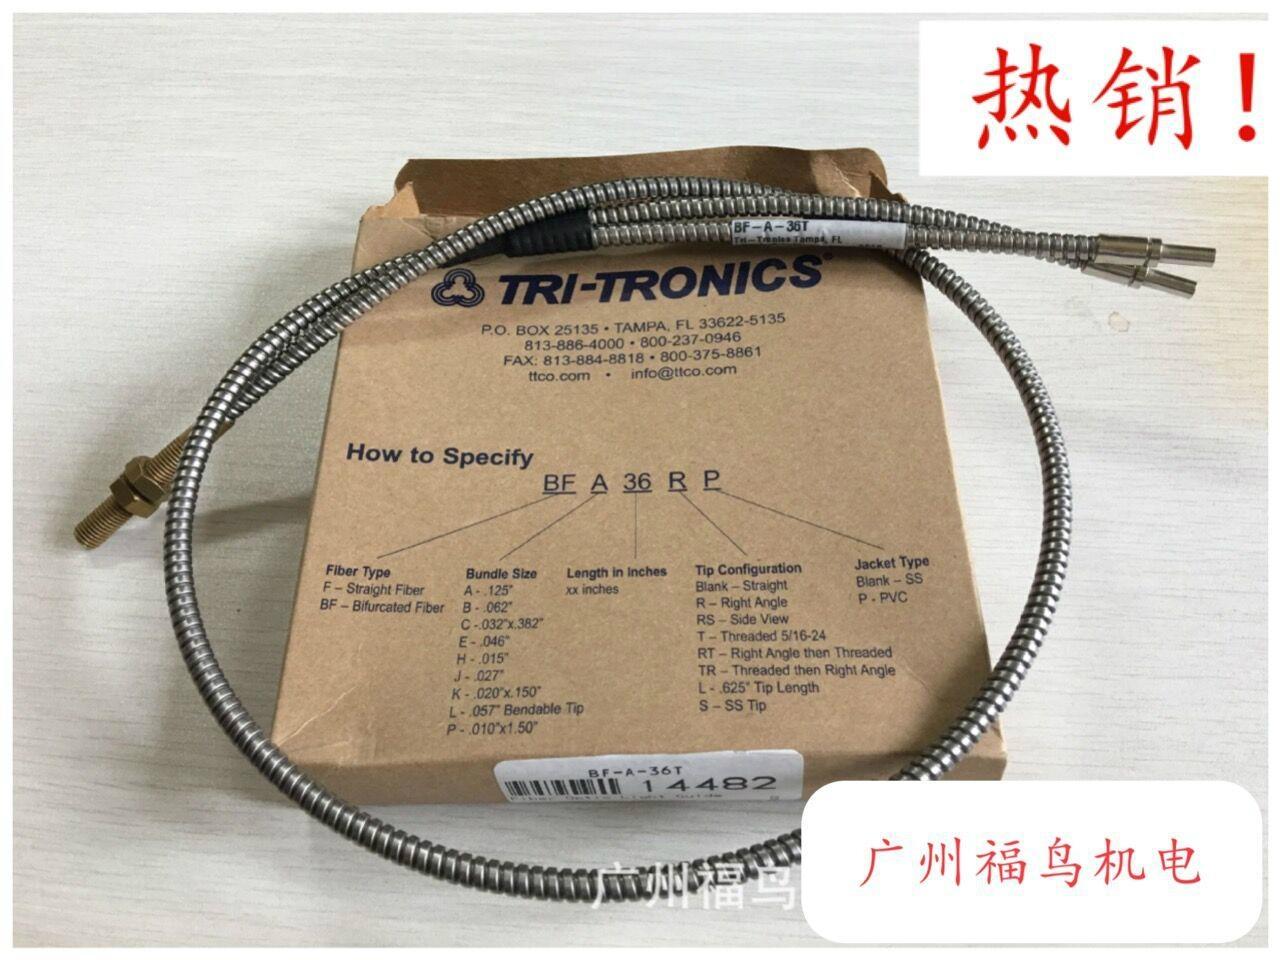 TRI-TRONICS光纤, 型号: BF-A-36T